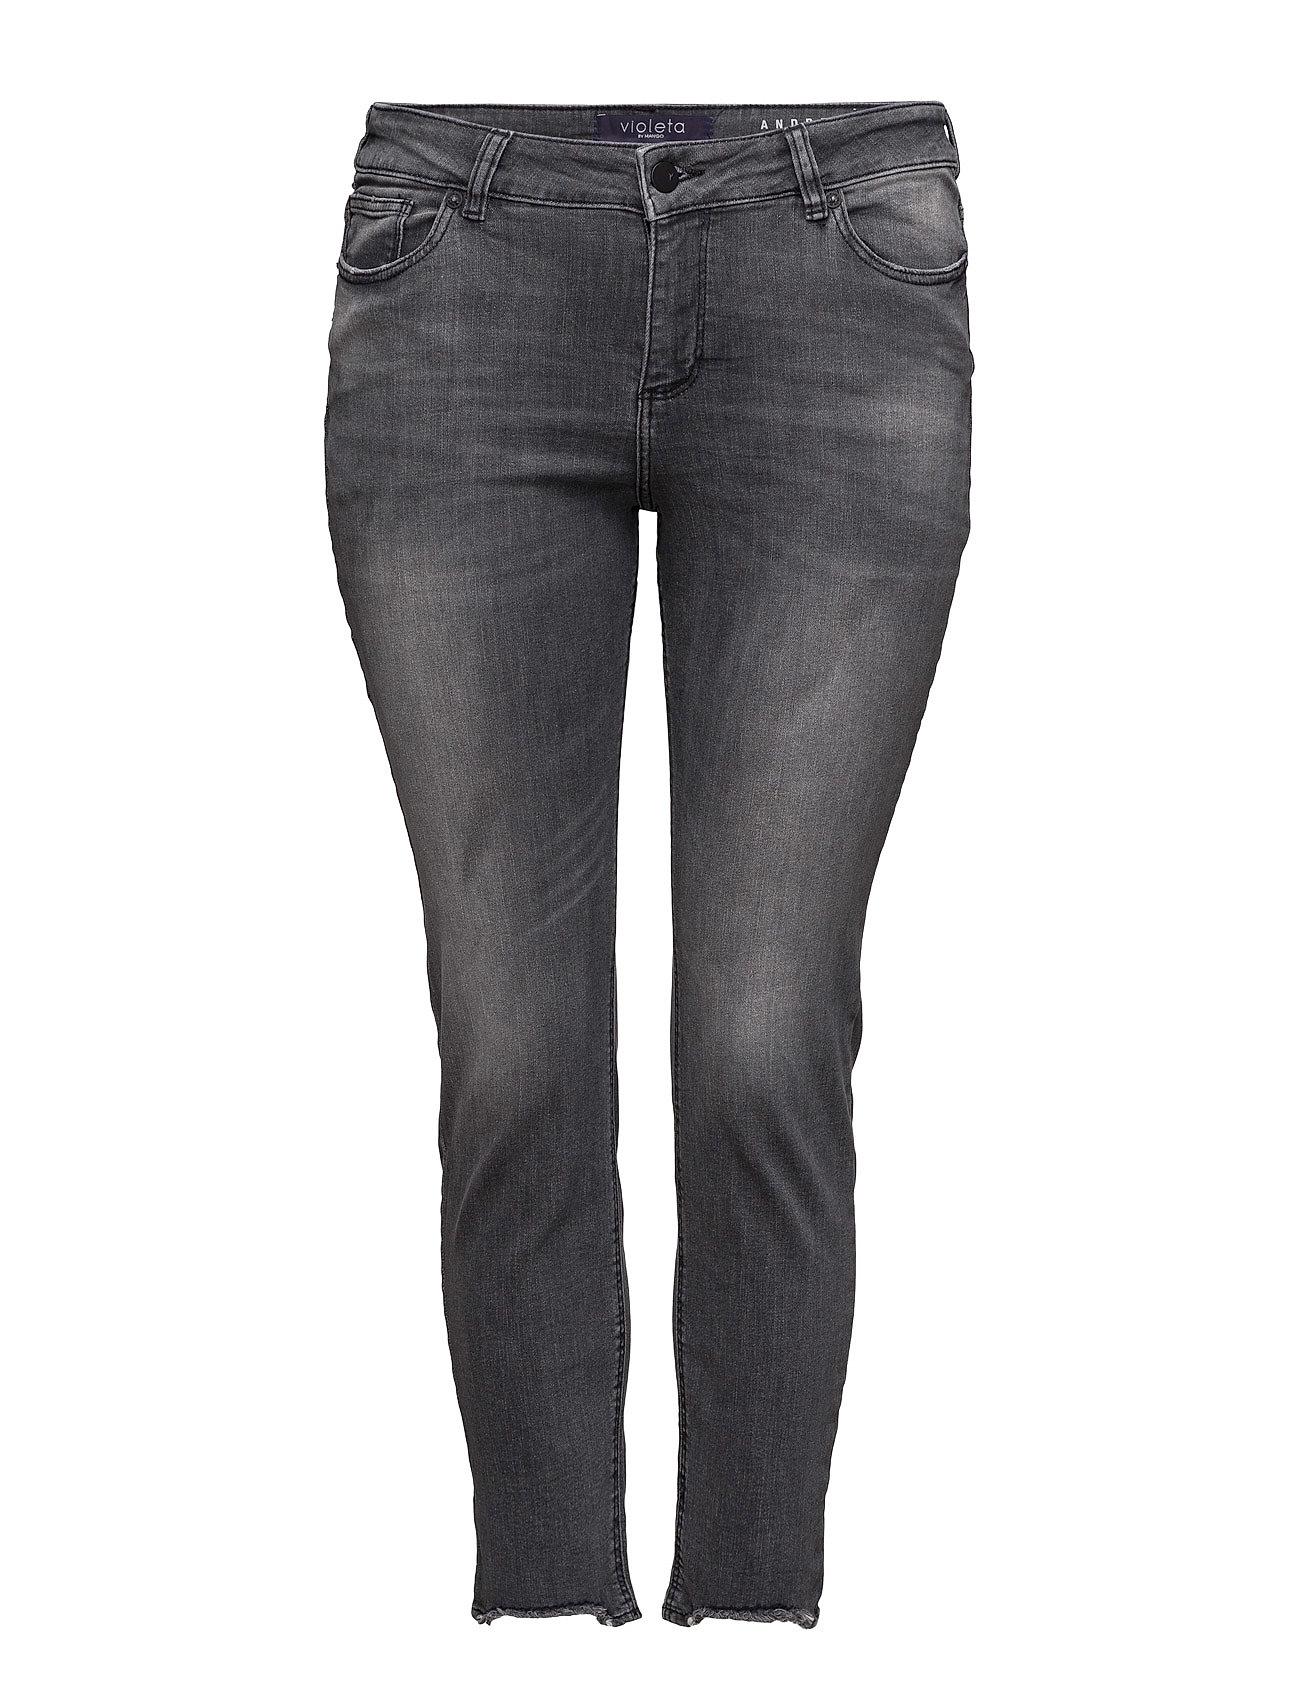 Super Slim-Fit Andrea Jeans Violeta by Mango Jeans til Kvinder i Open Grey